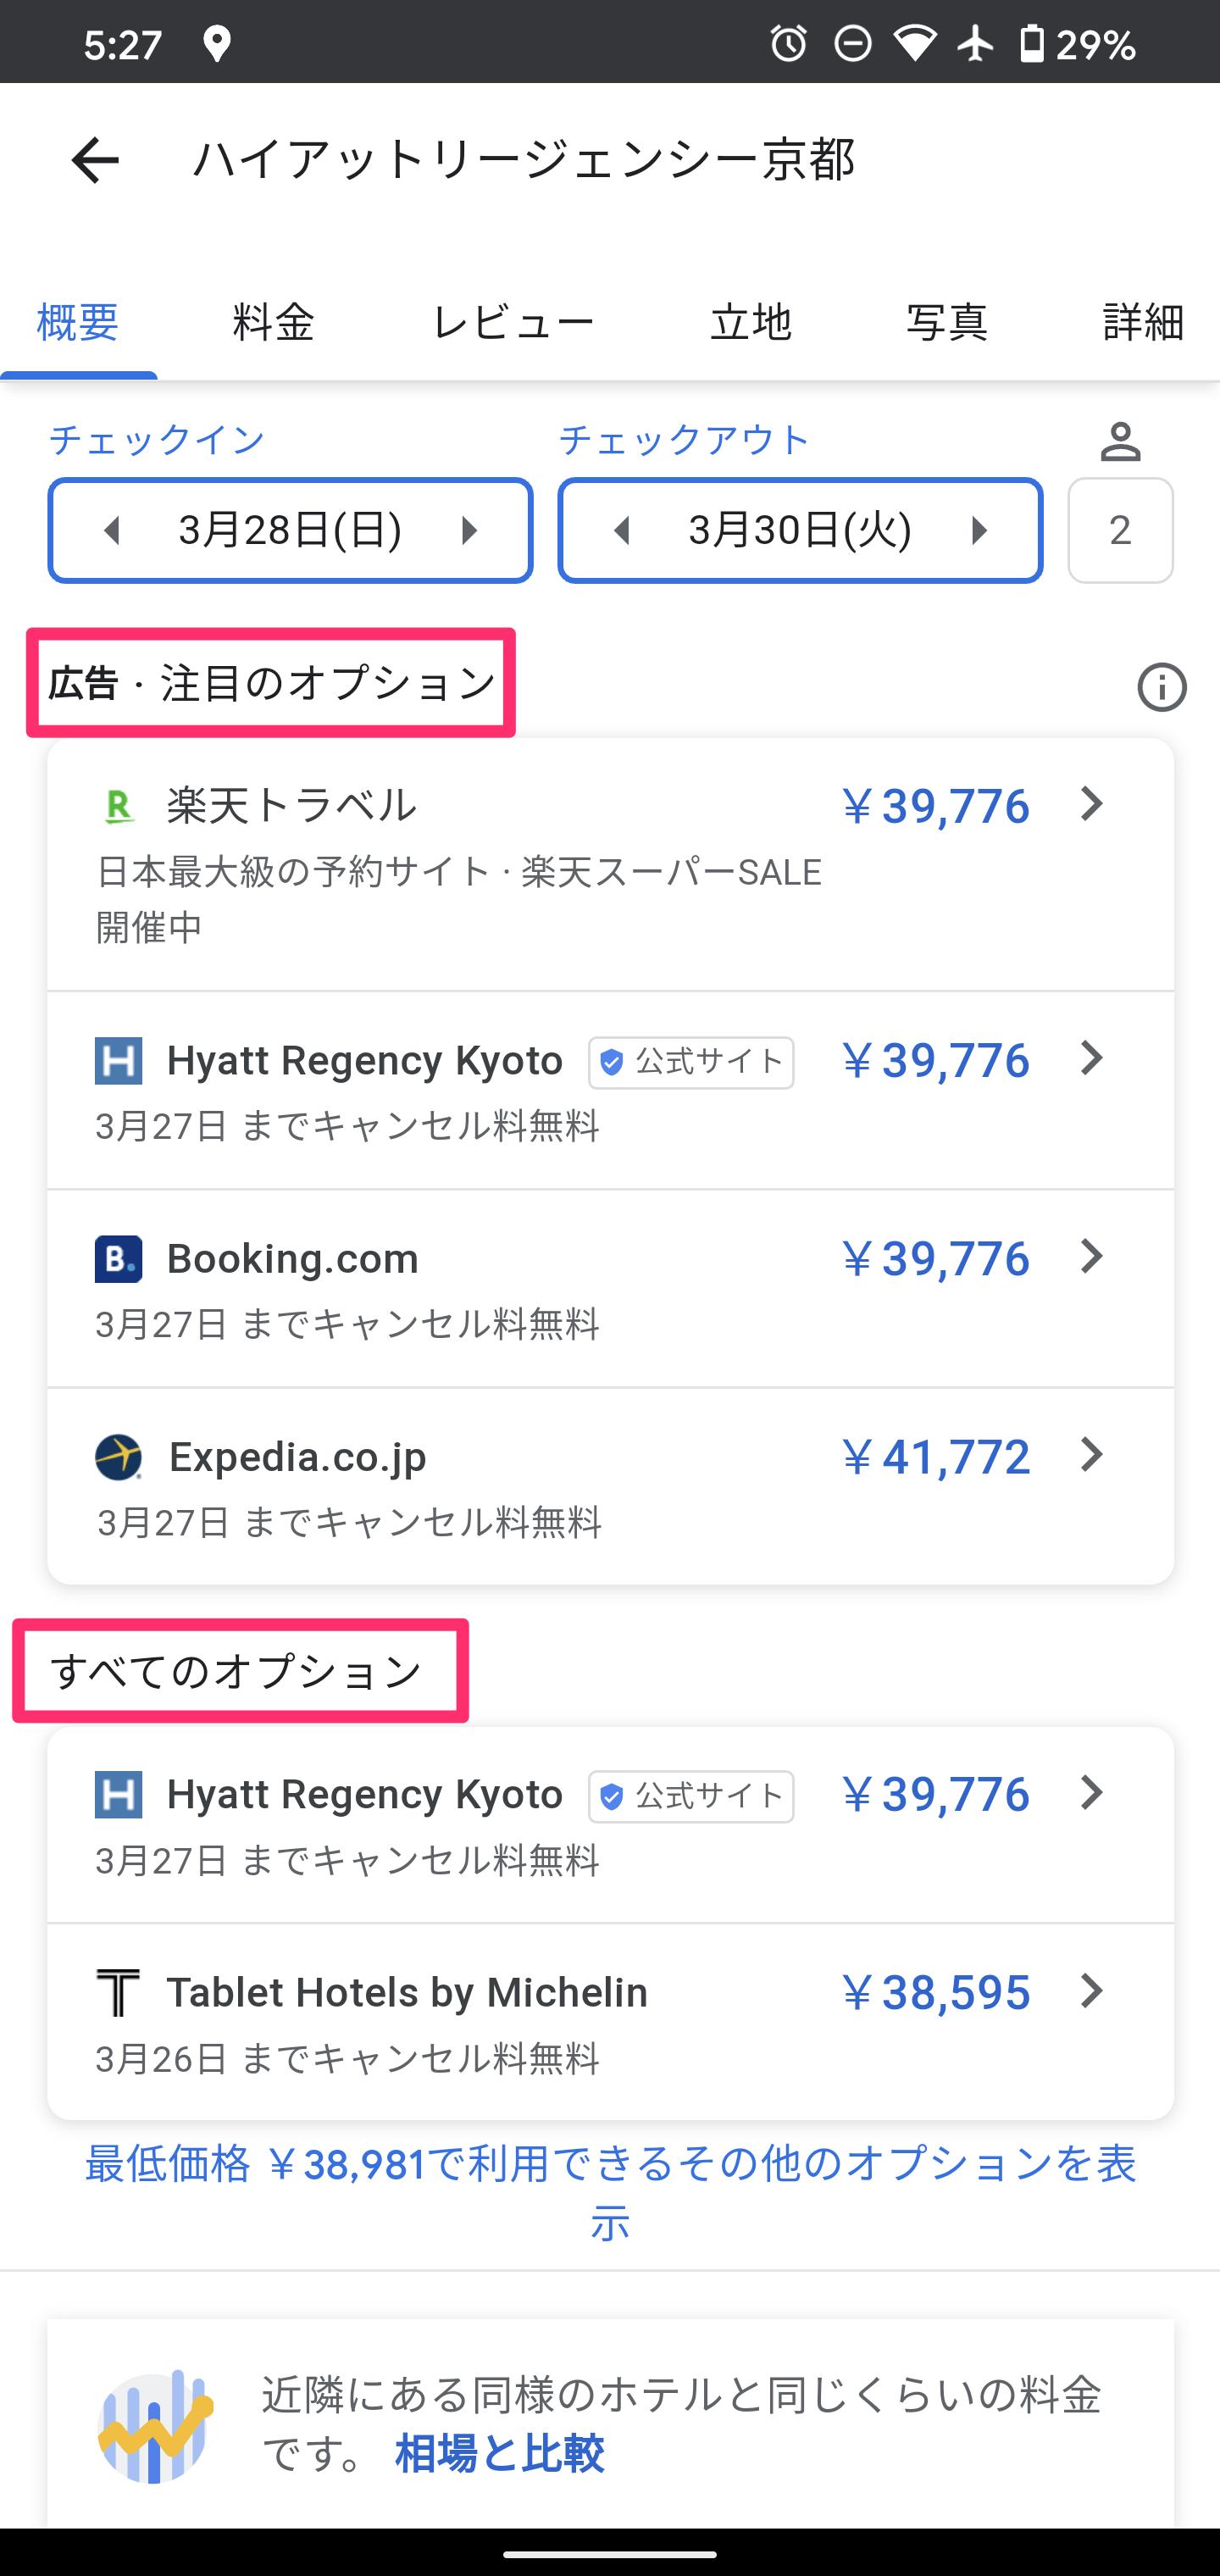 広告と無料のホテル検索結果